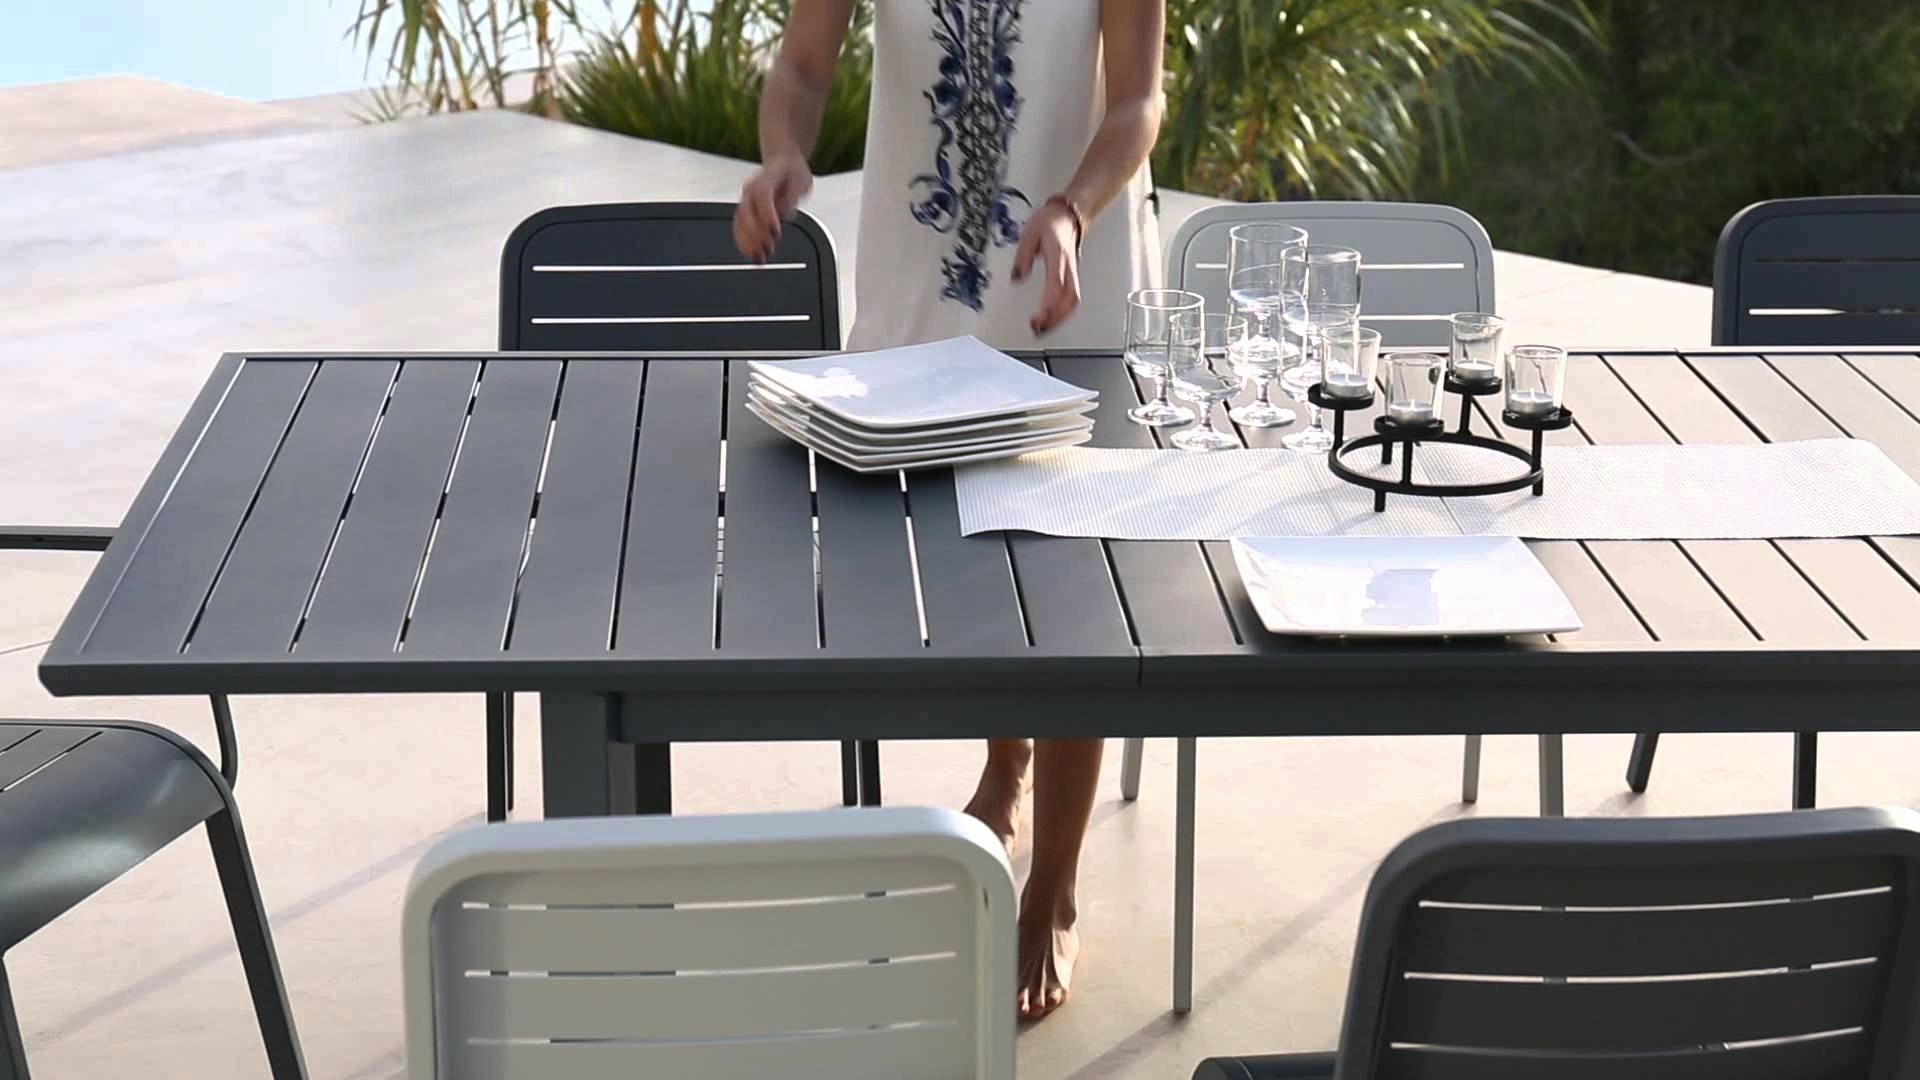 Table Pliante Cm Carrefour Frais A Manger New Intéressant ... serapportantà Table De Jardin Pliante Carrefour